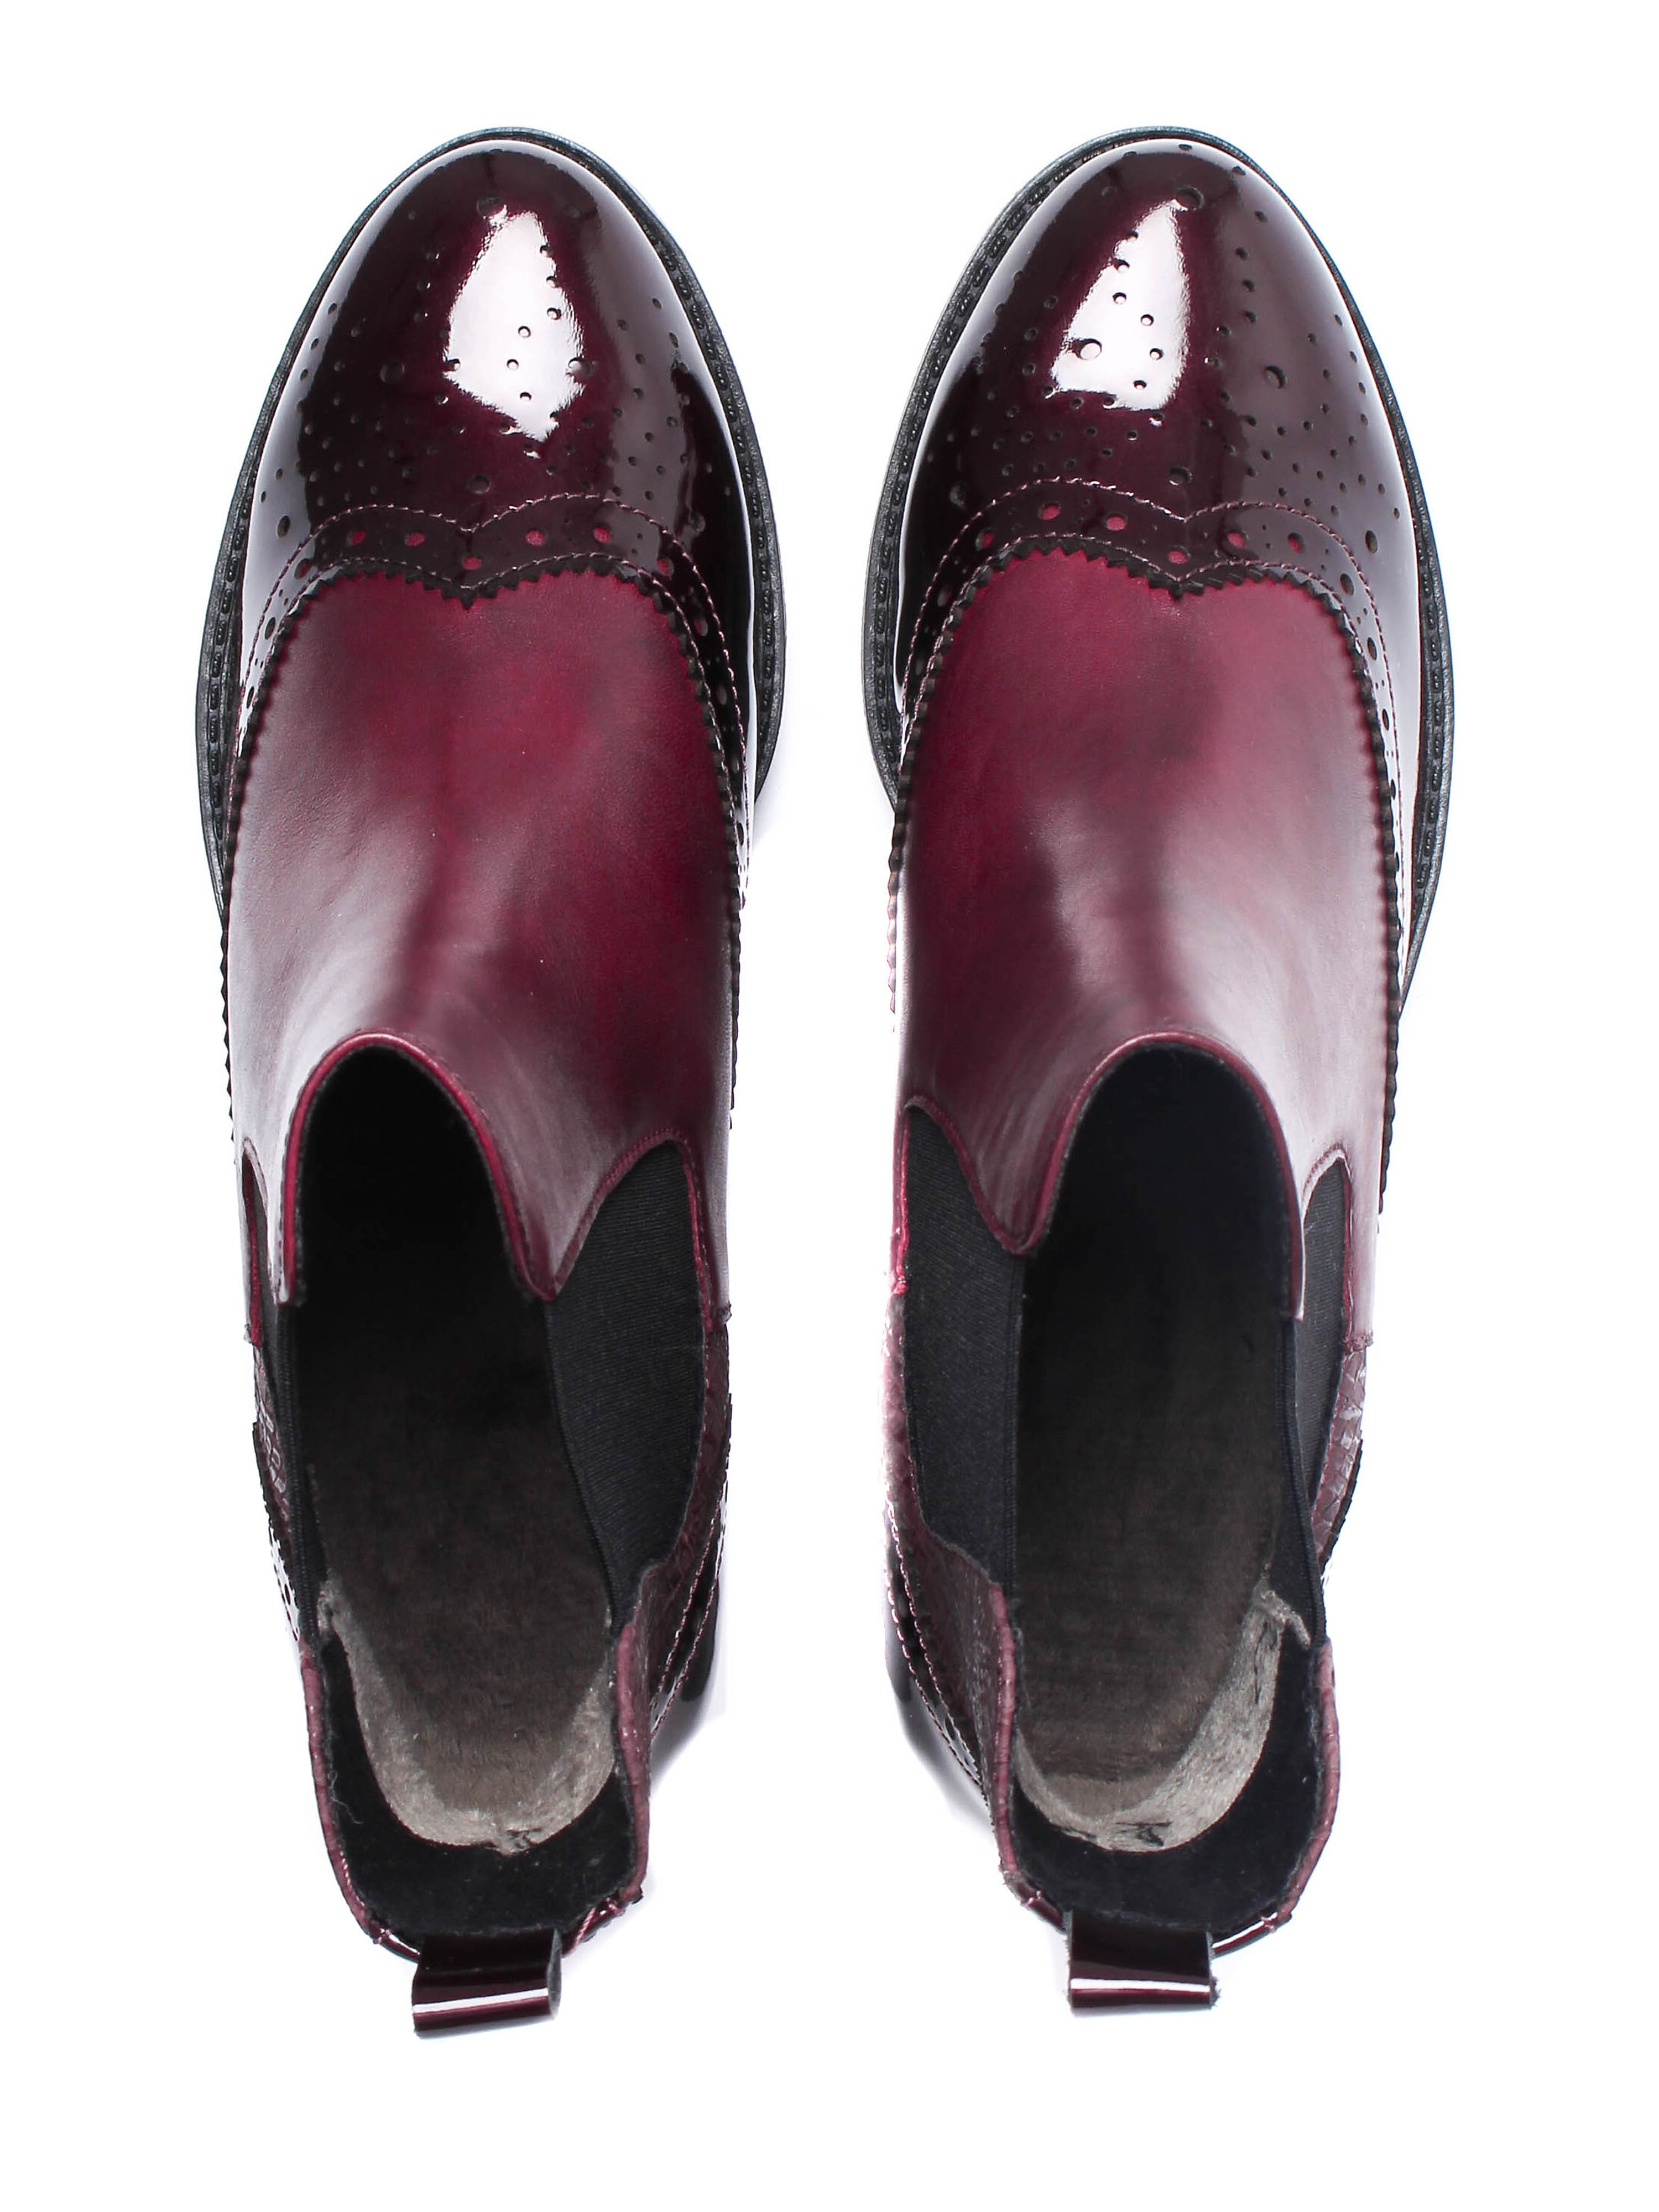 Caprice Women's Brogue Chelsea Ankle Boots - Bordeaux Leather